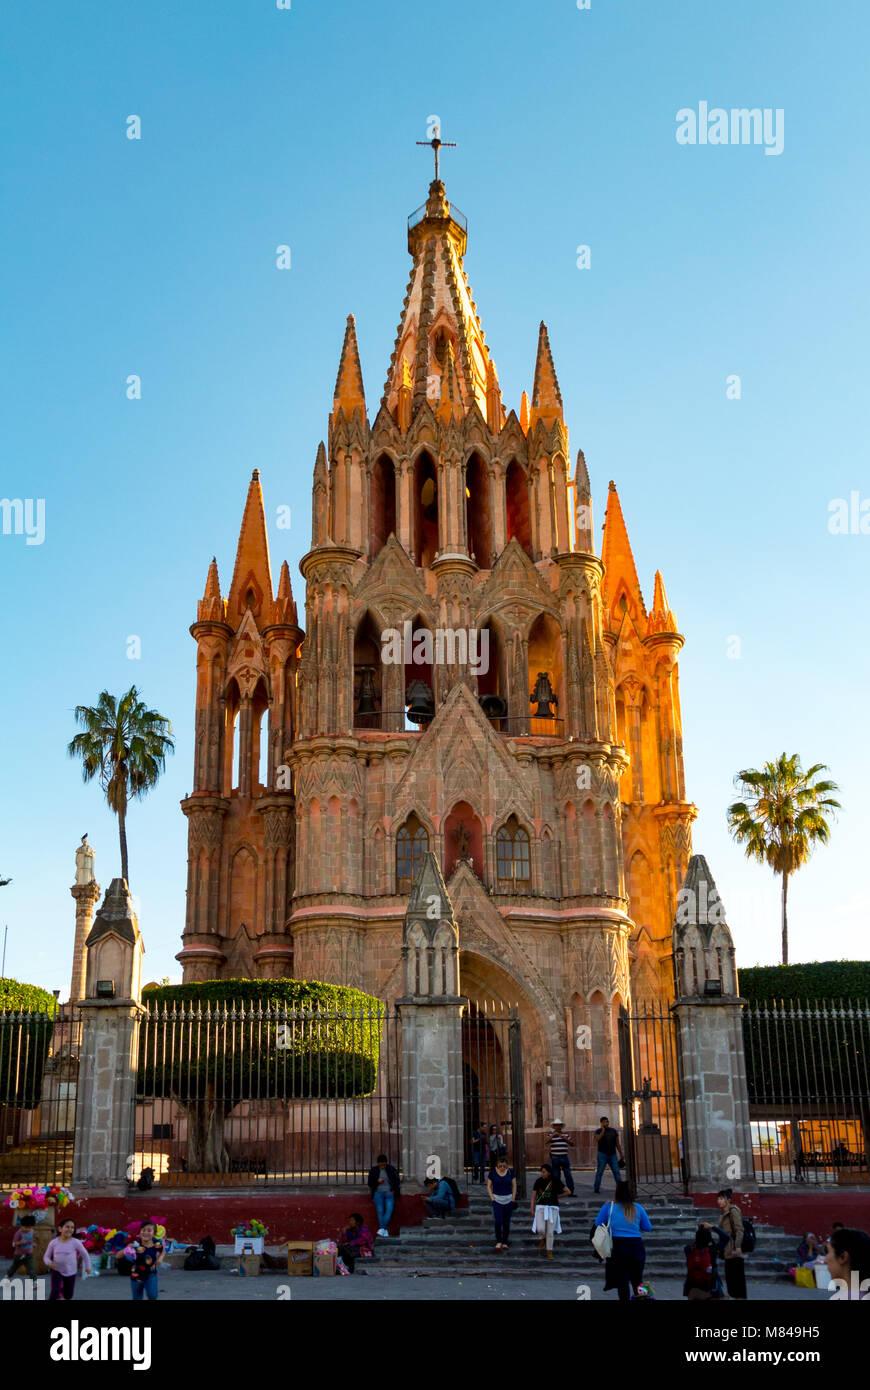 The Church Of La Parroquia De San Miguel Arcangel San Miguel De